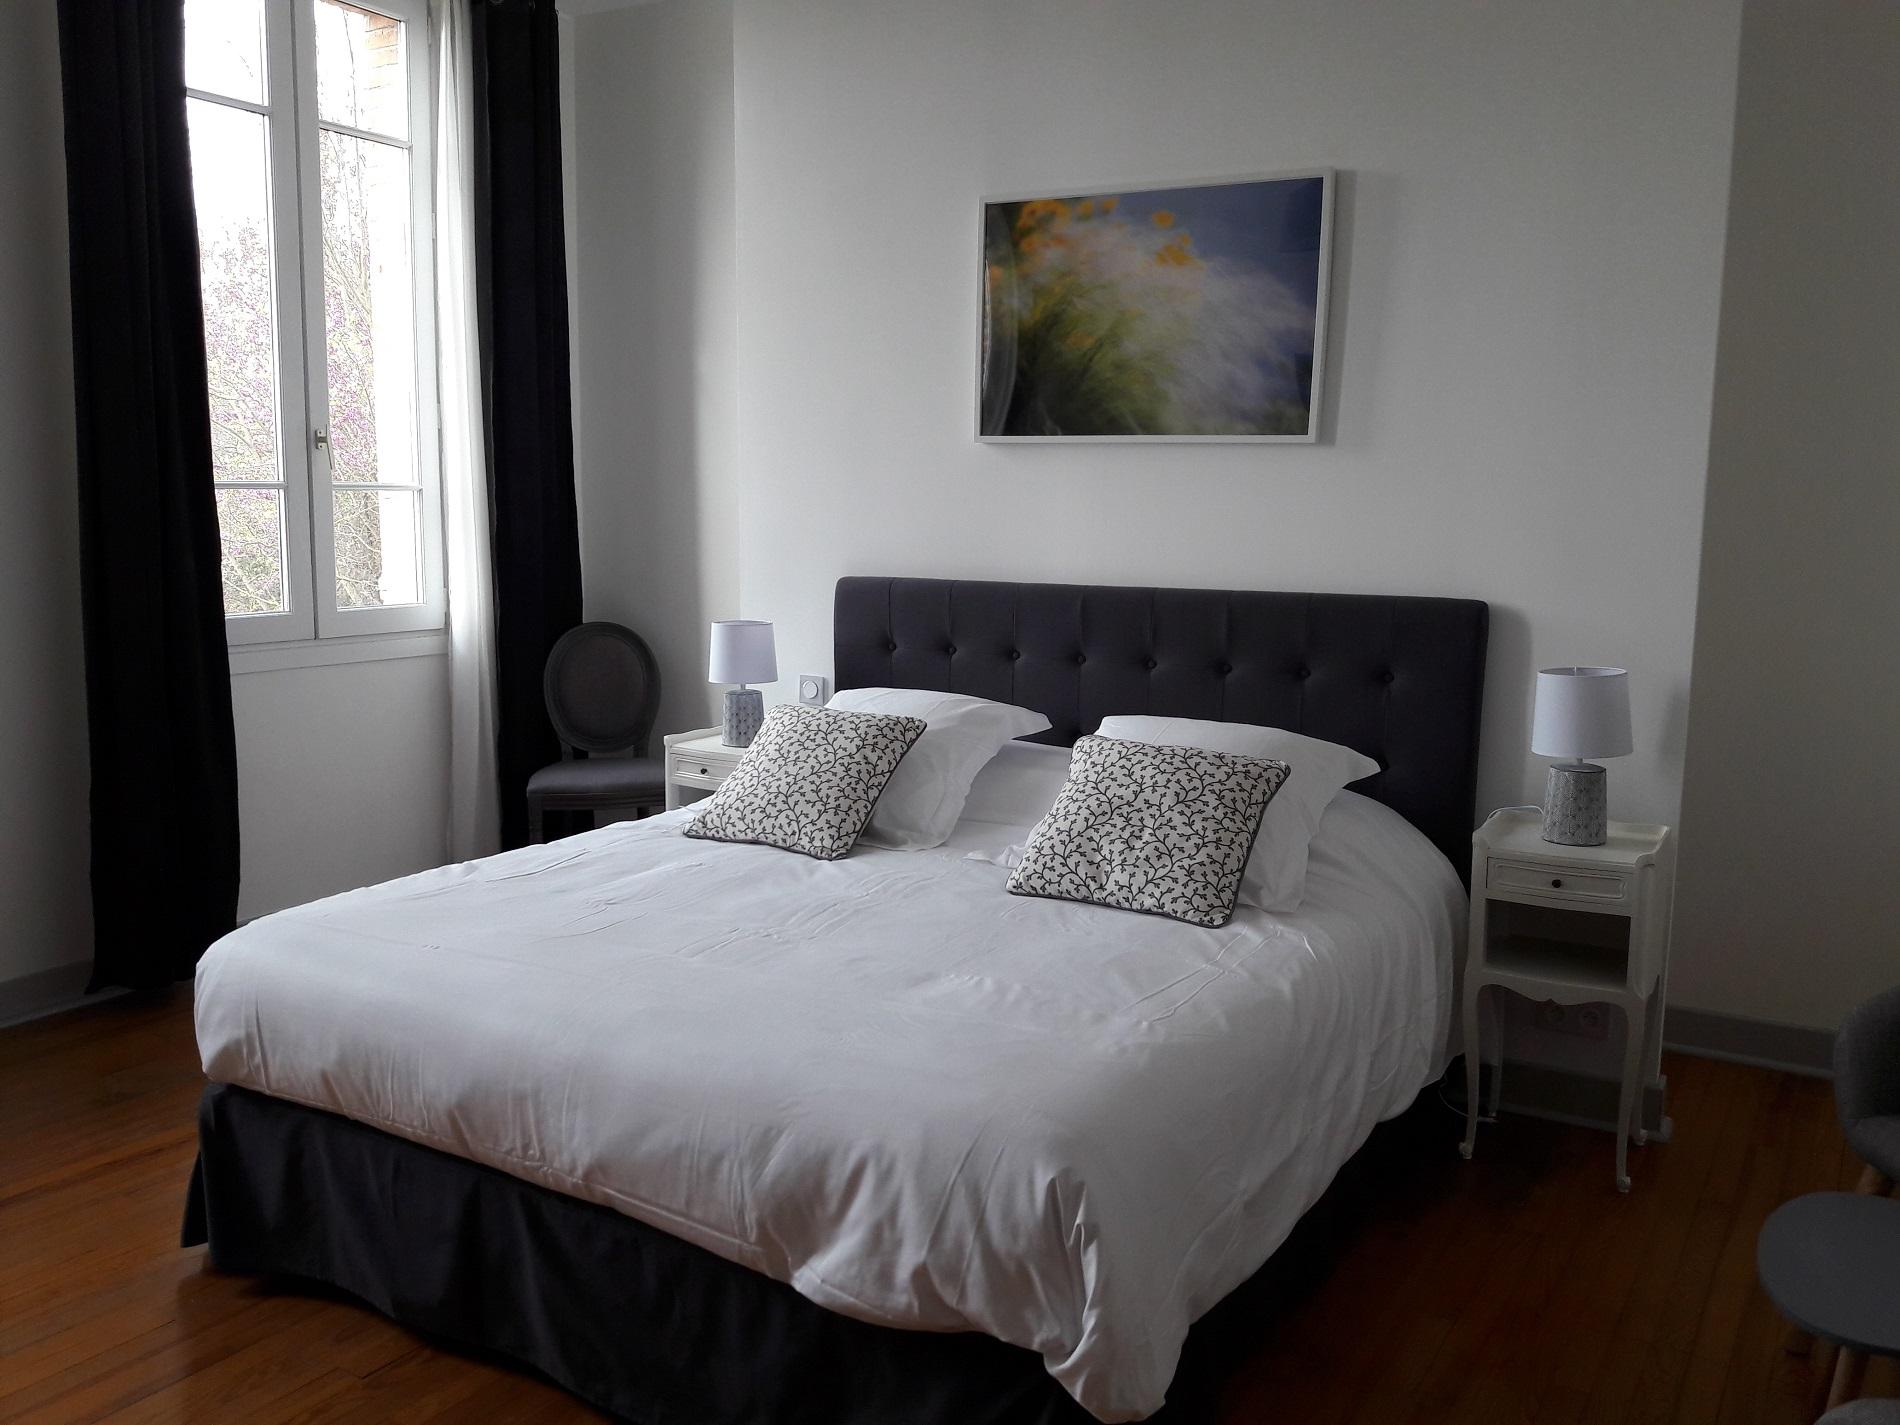 Belle chambre d'hote avec lit king size et literie de grand confort, décoration dans les tons de gris sur le thème de l'air